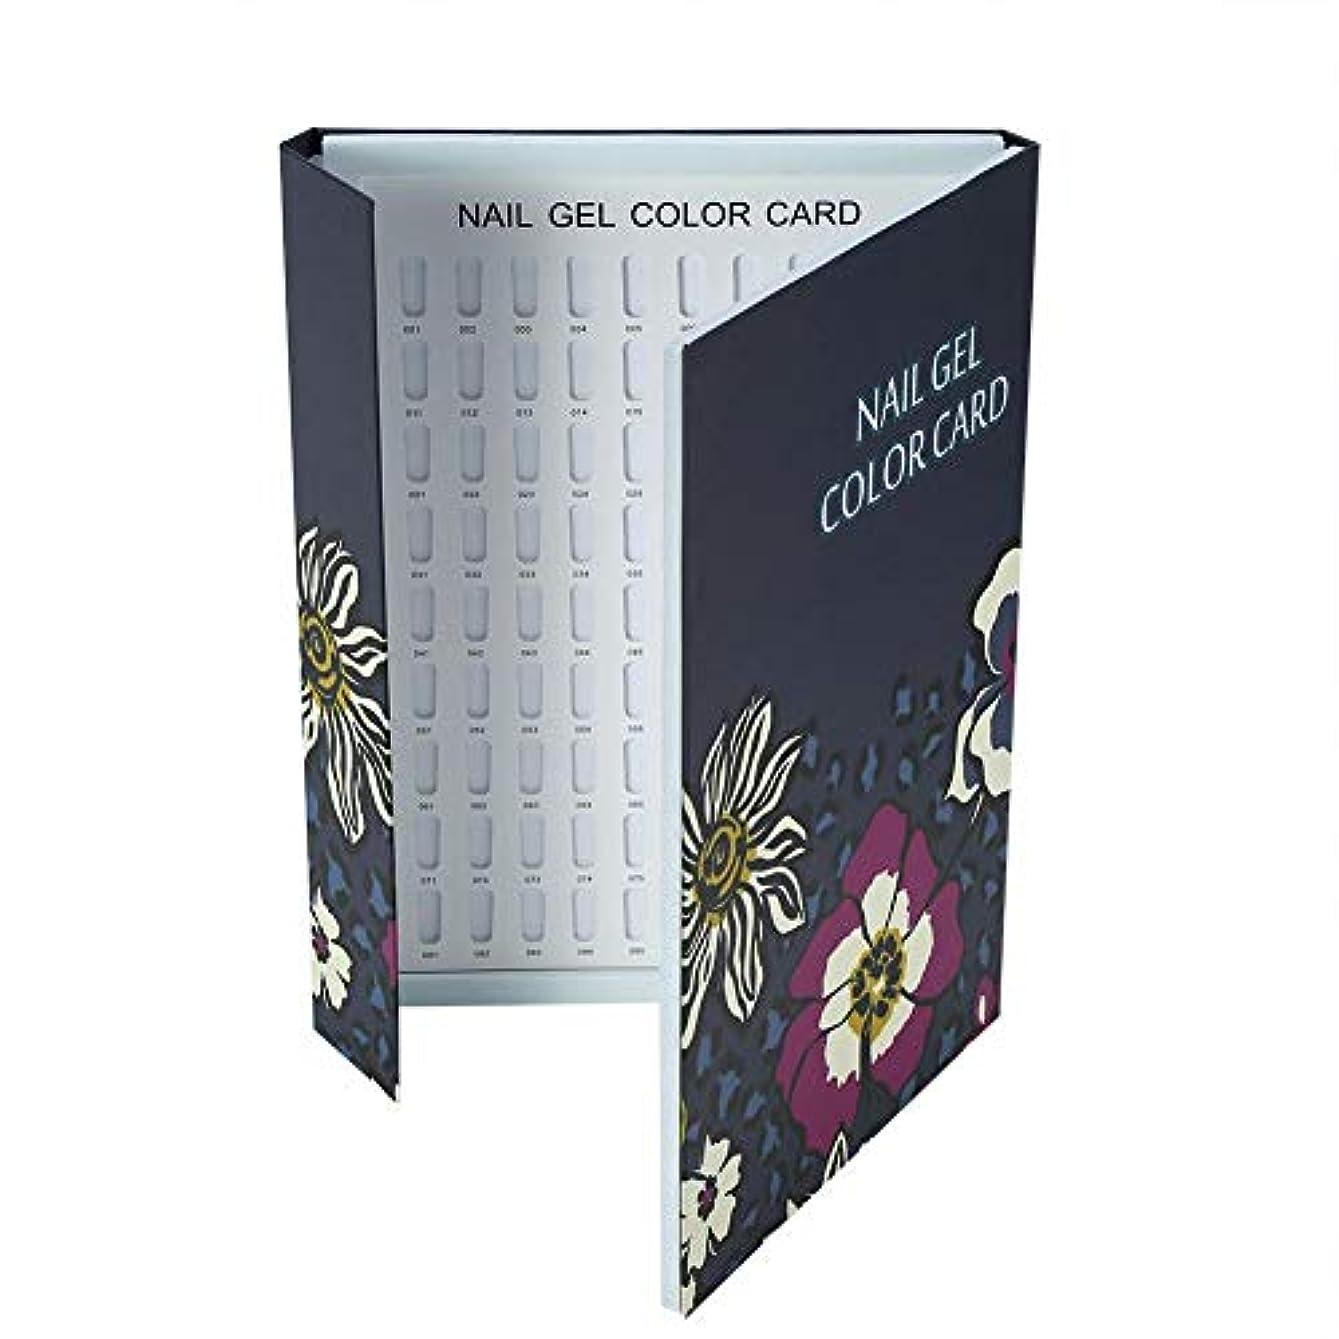 歩く揺れるスイス人カラーチャート ネイル - Delaman ネイル 色見本、ブック型、180色、カラーガイド、ジェルネイル、サンプル帳、ネイルアート、サロン、青/緑 (Color : 青)